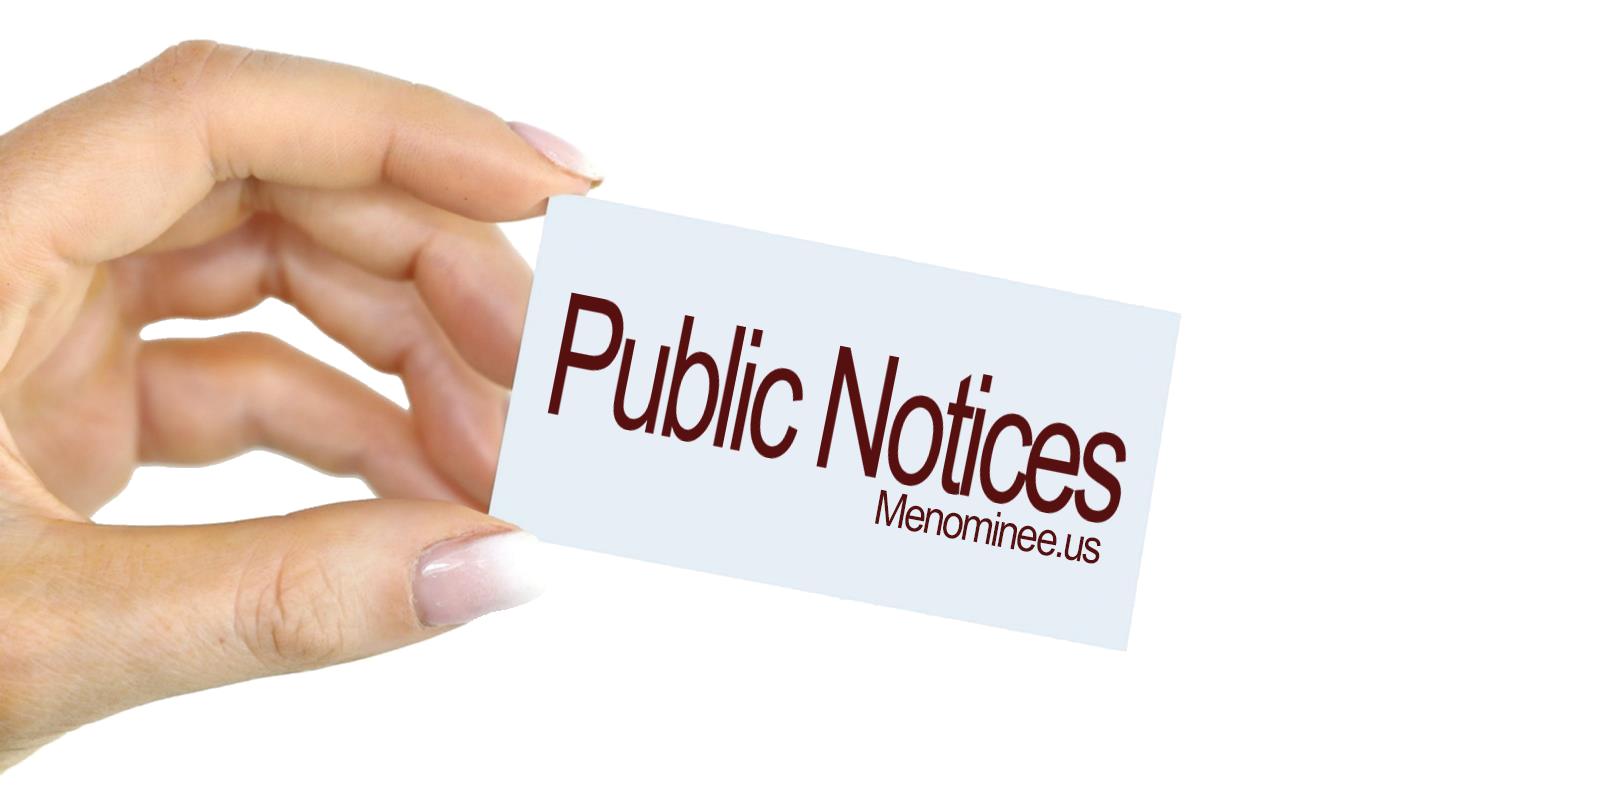 Public Notices - Menominee.us